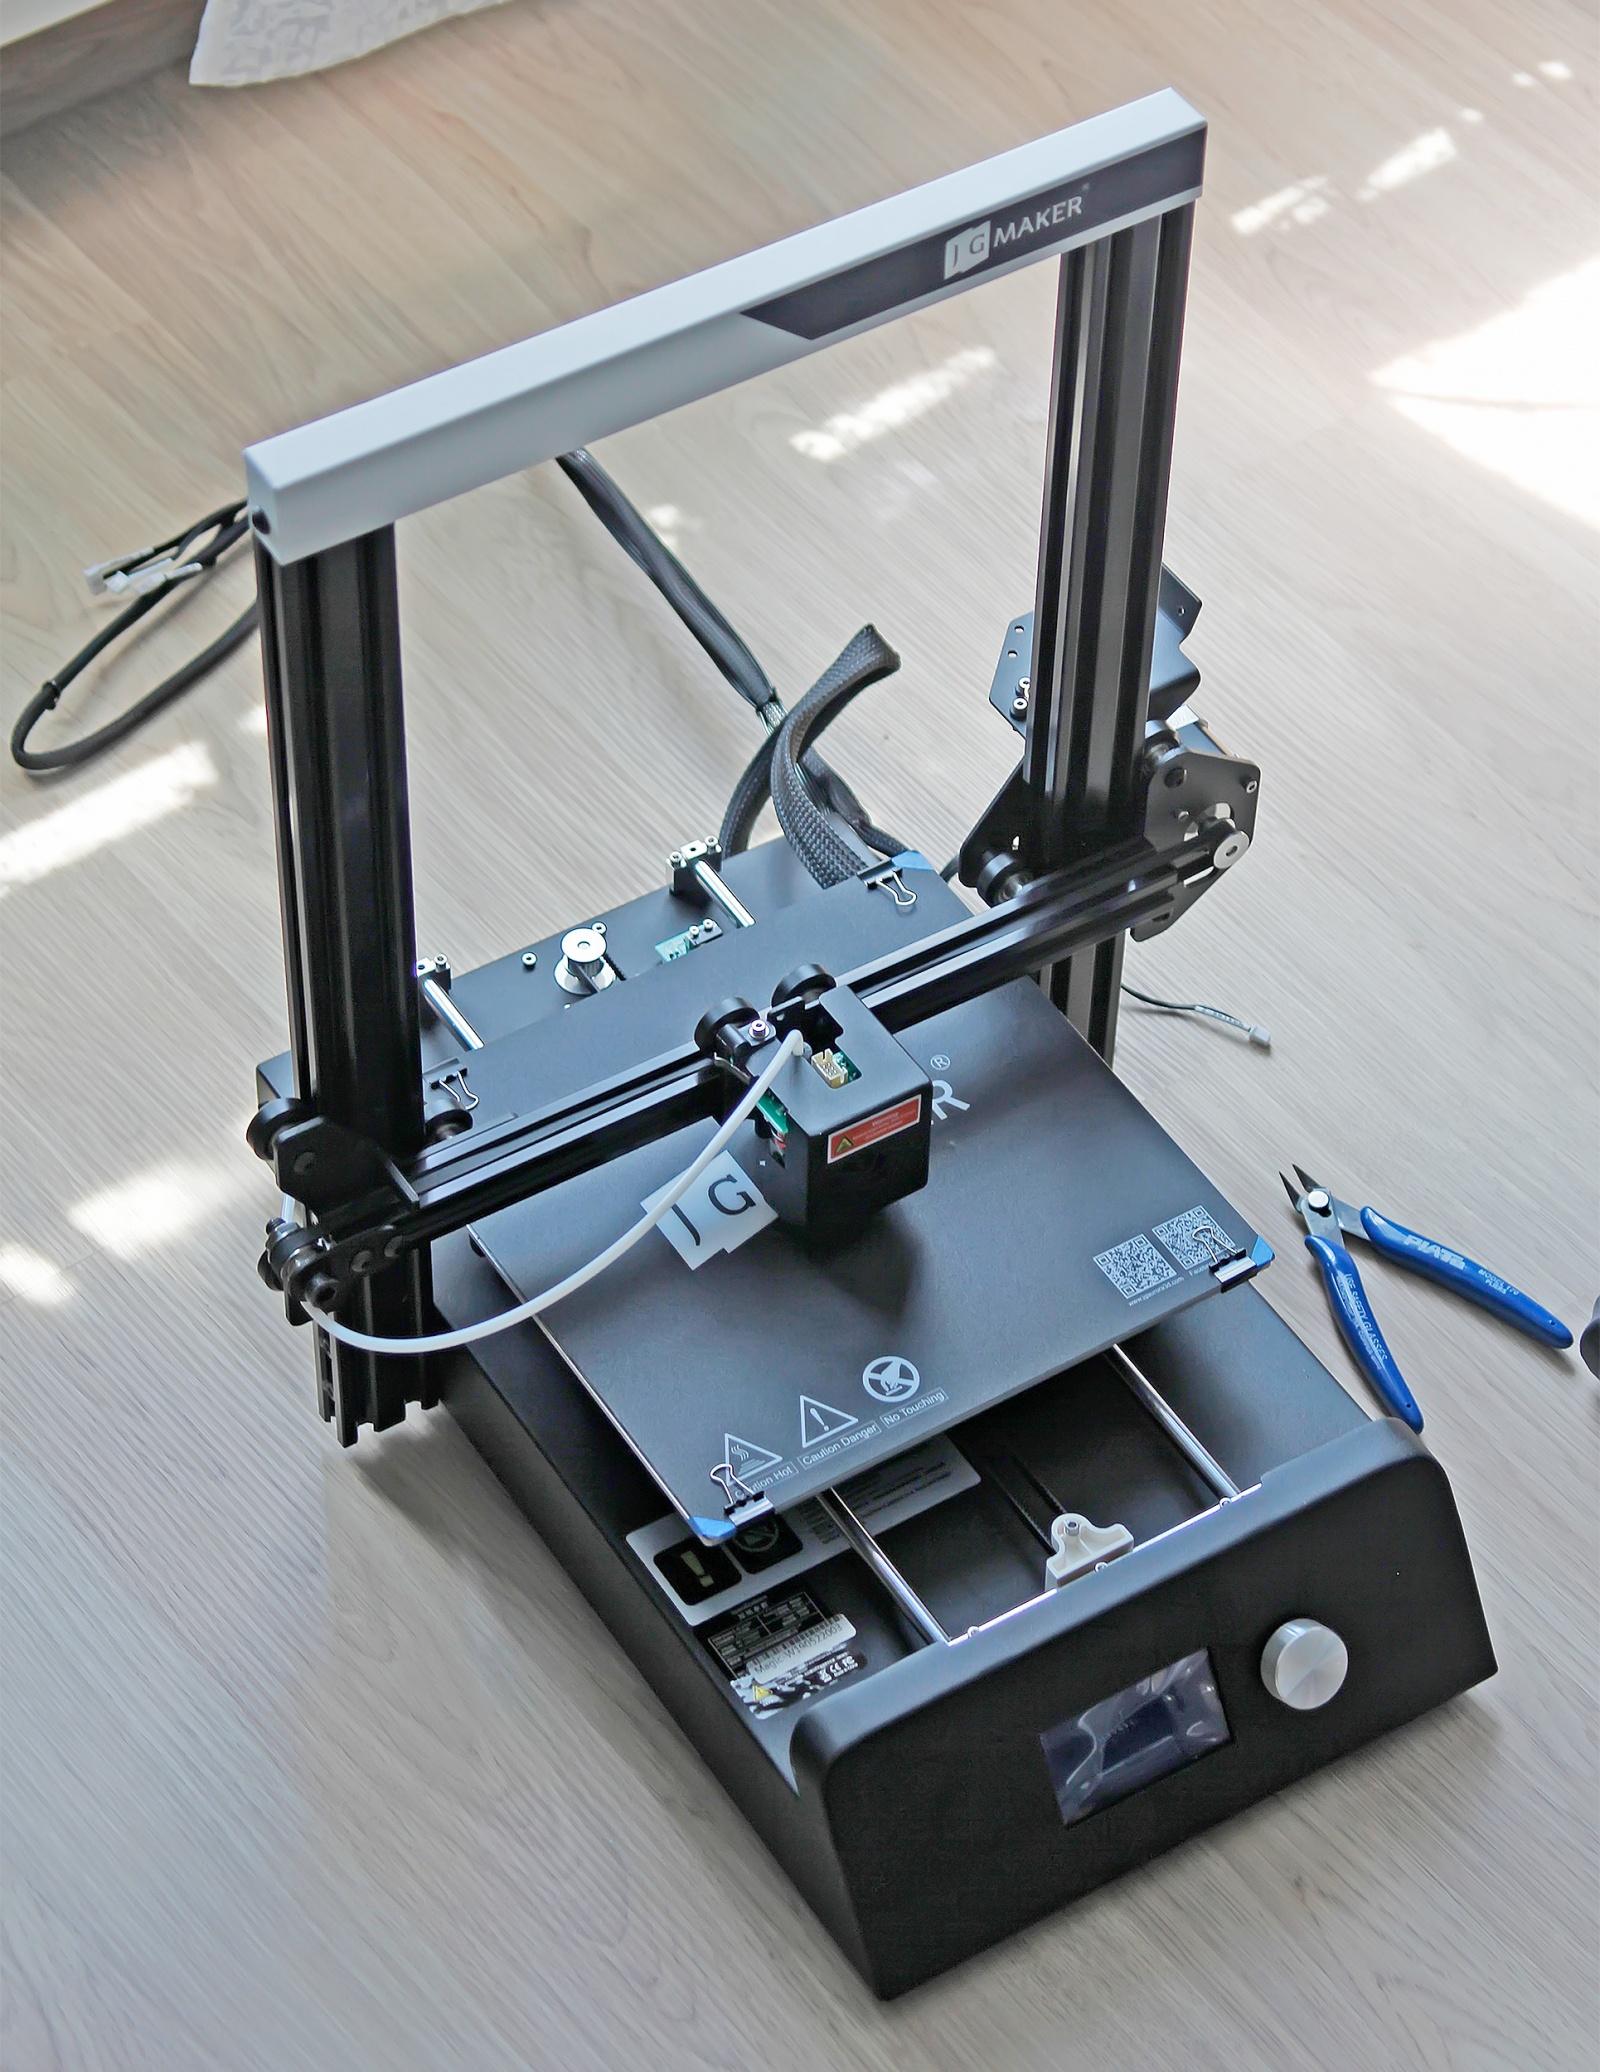 JG Maker — достойная альтернатива недорогим 3D-принтерам для начинающих - 32